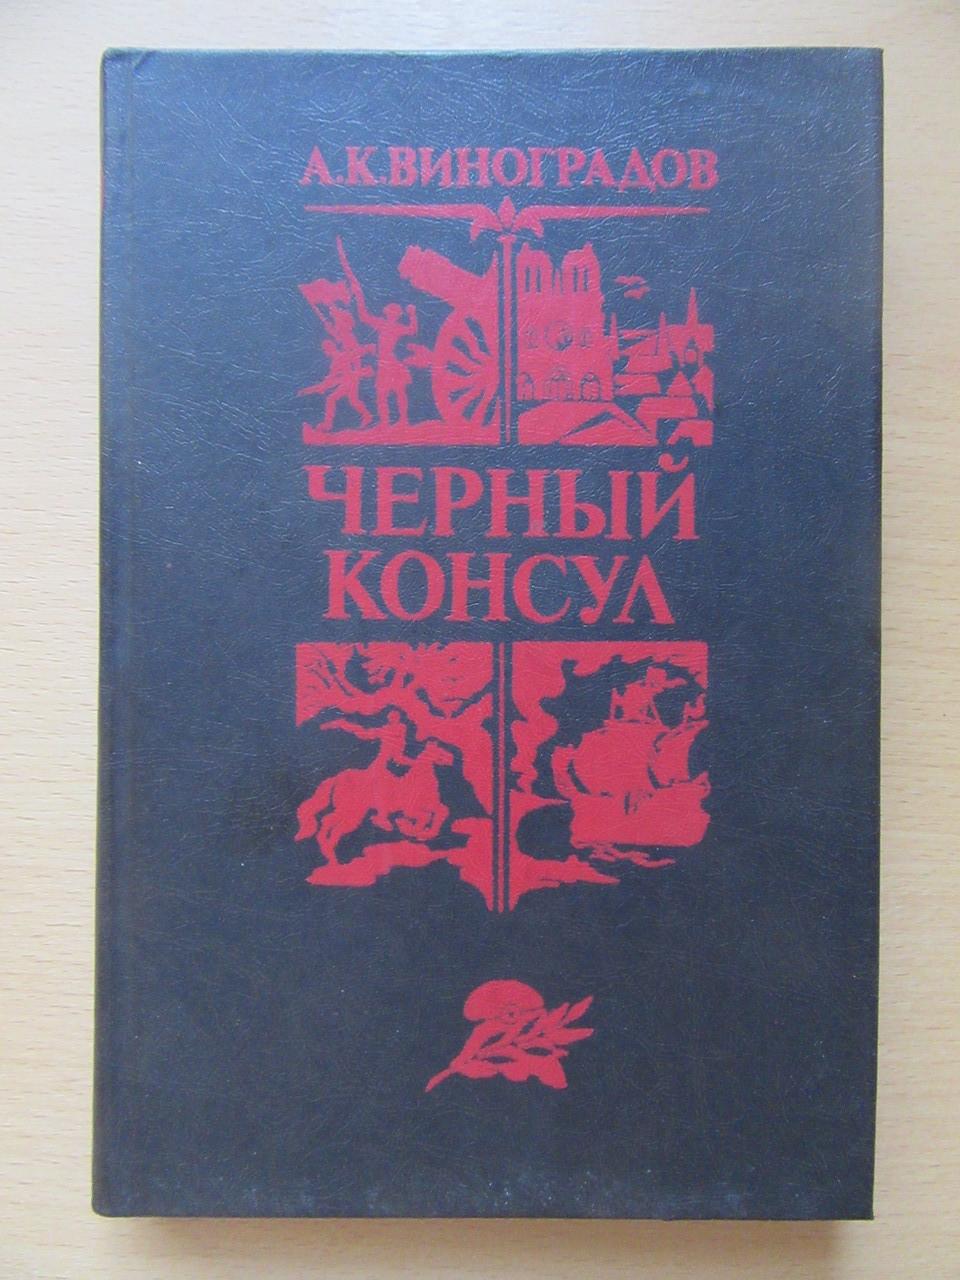 А. К. Виноградов. Чорний консул. Історична повість в 3-х частинах